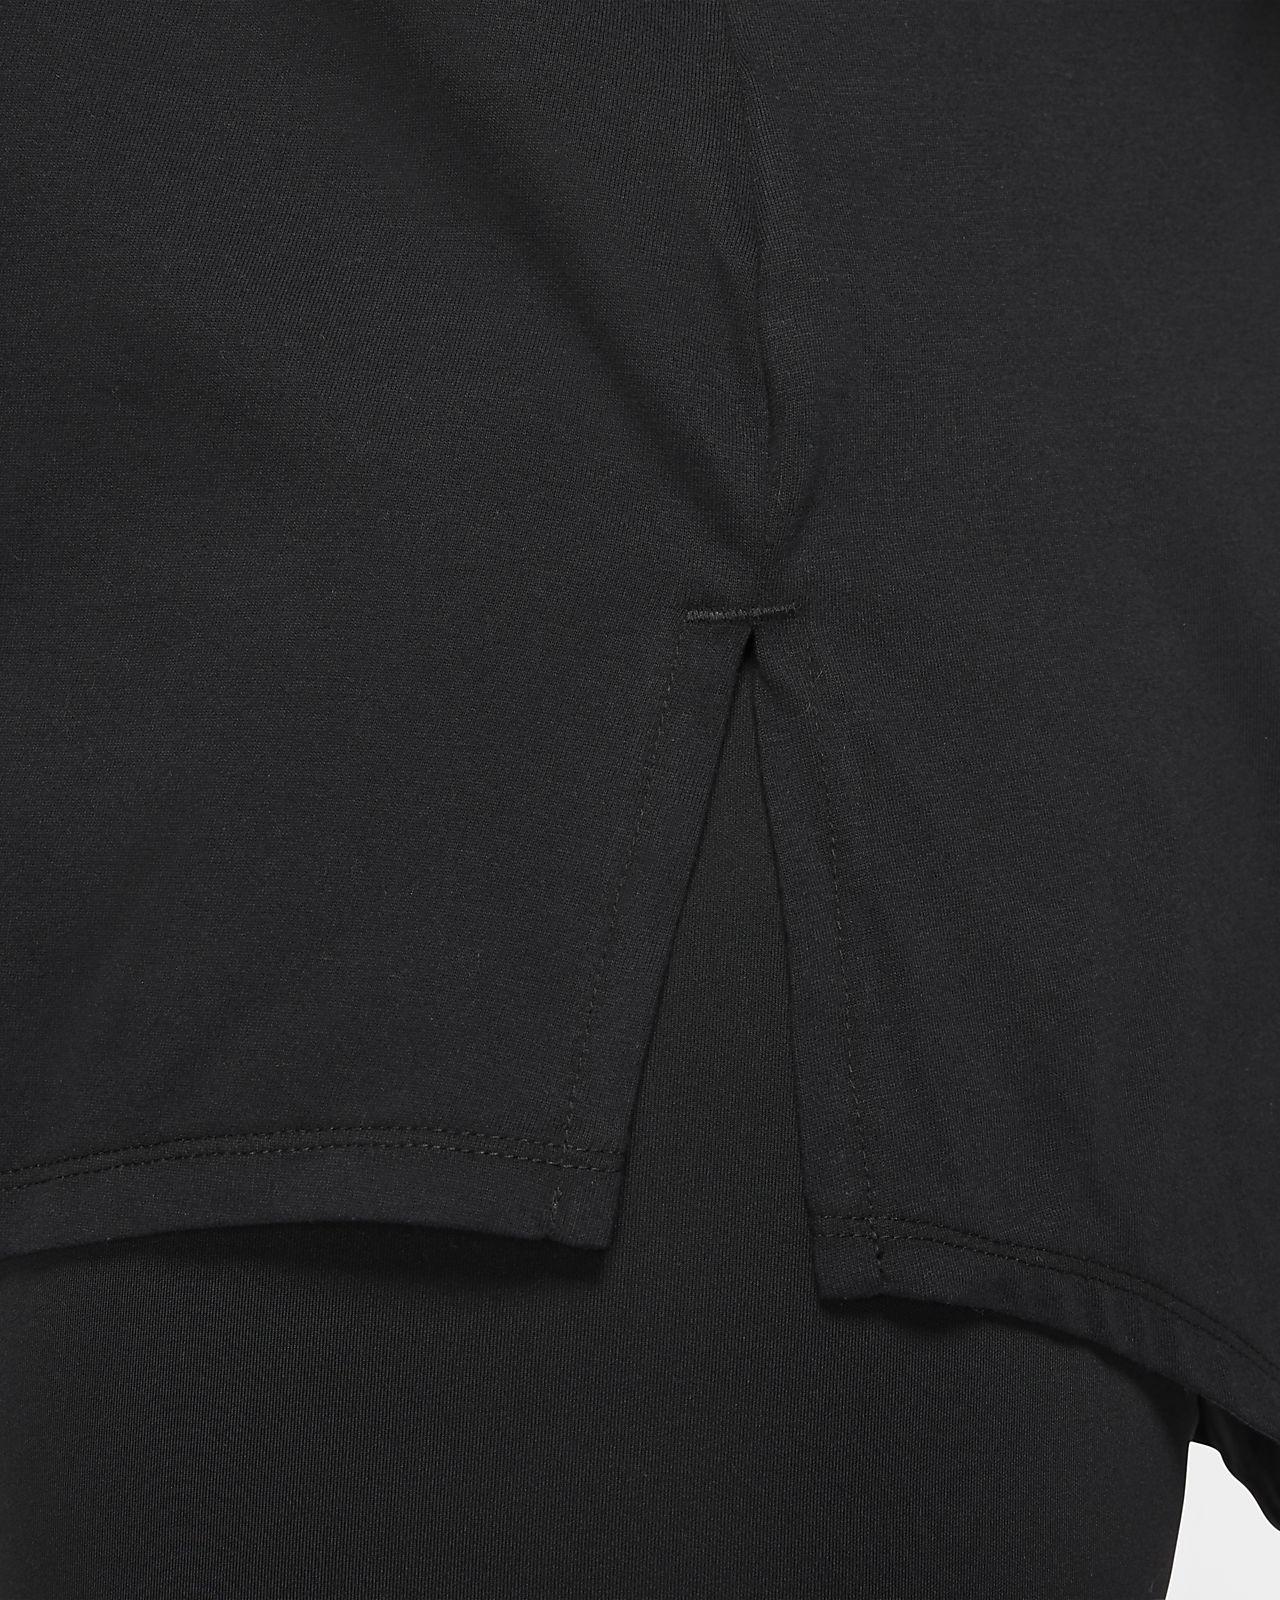 Nike Dri FIT Icon Clash trænings T shirt til kvinder (plus size)